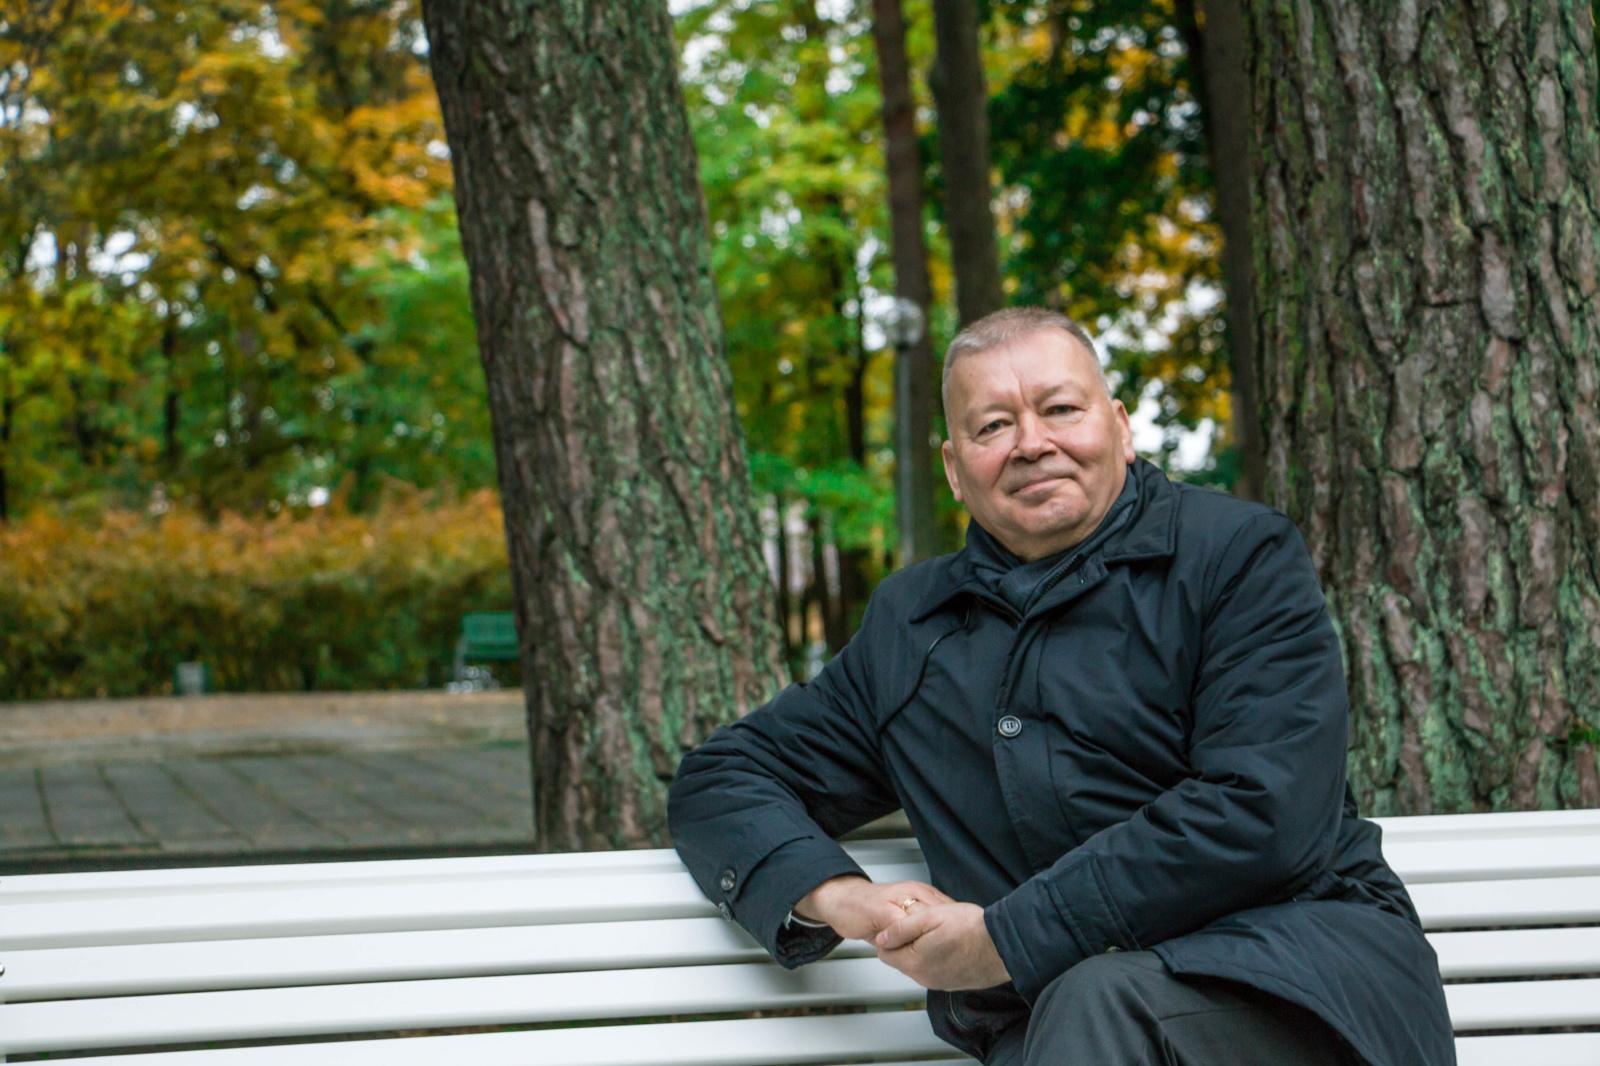 Buvęs Alytaus meras ir generalinis komisaras V. Grigaravičius patarinės policijai